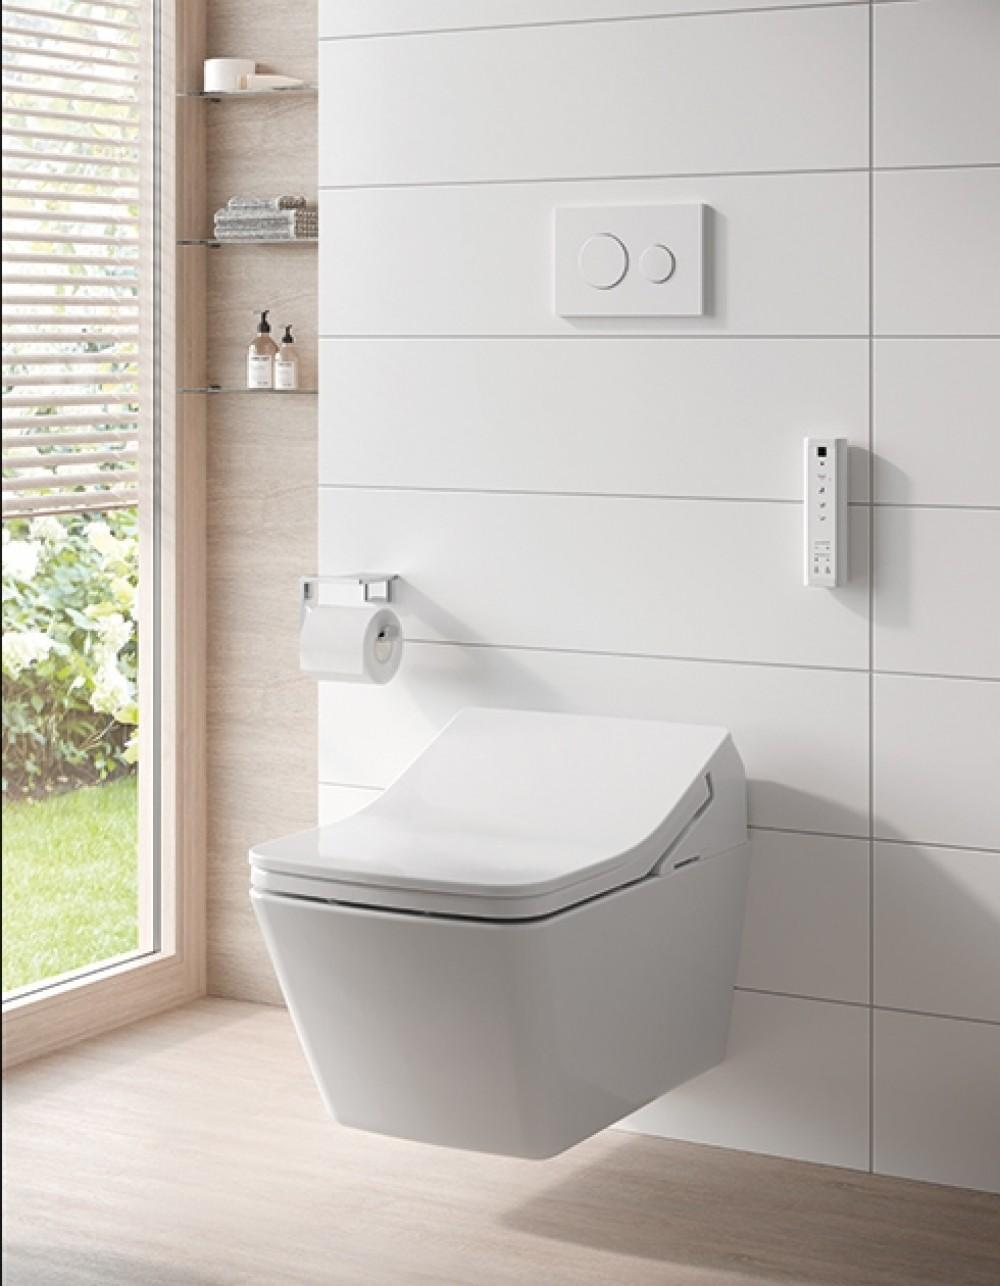 japanische toilette WC SP, wandhängend washlet